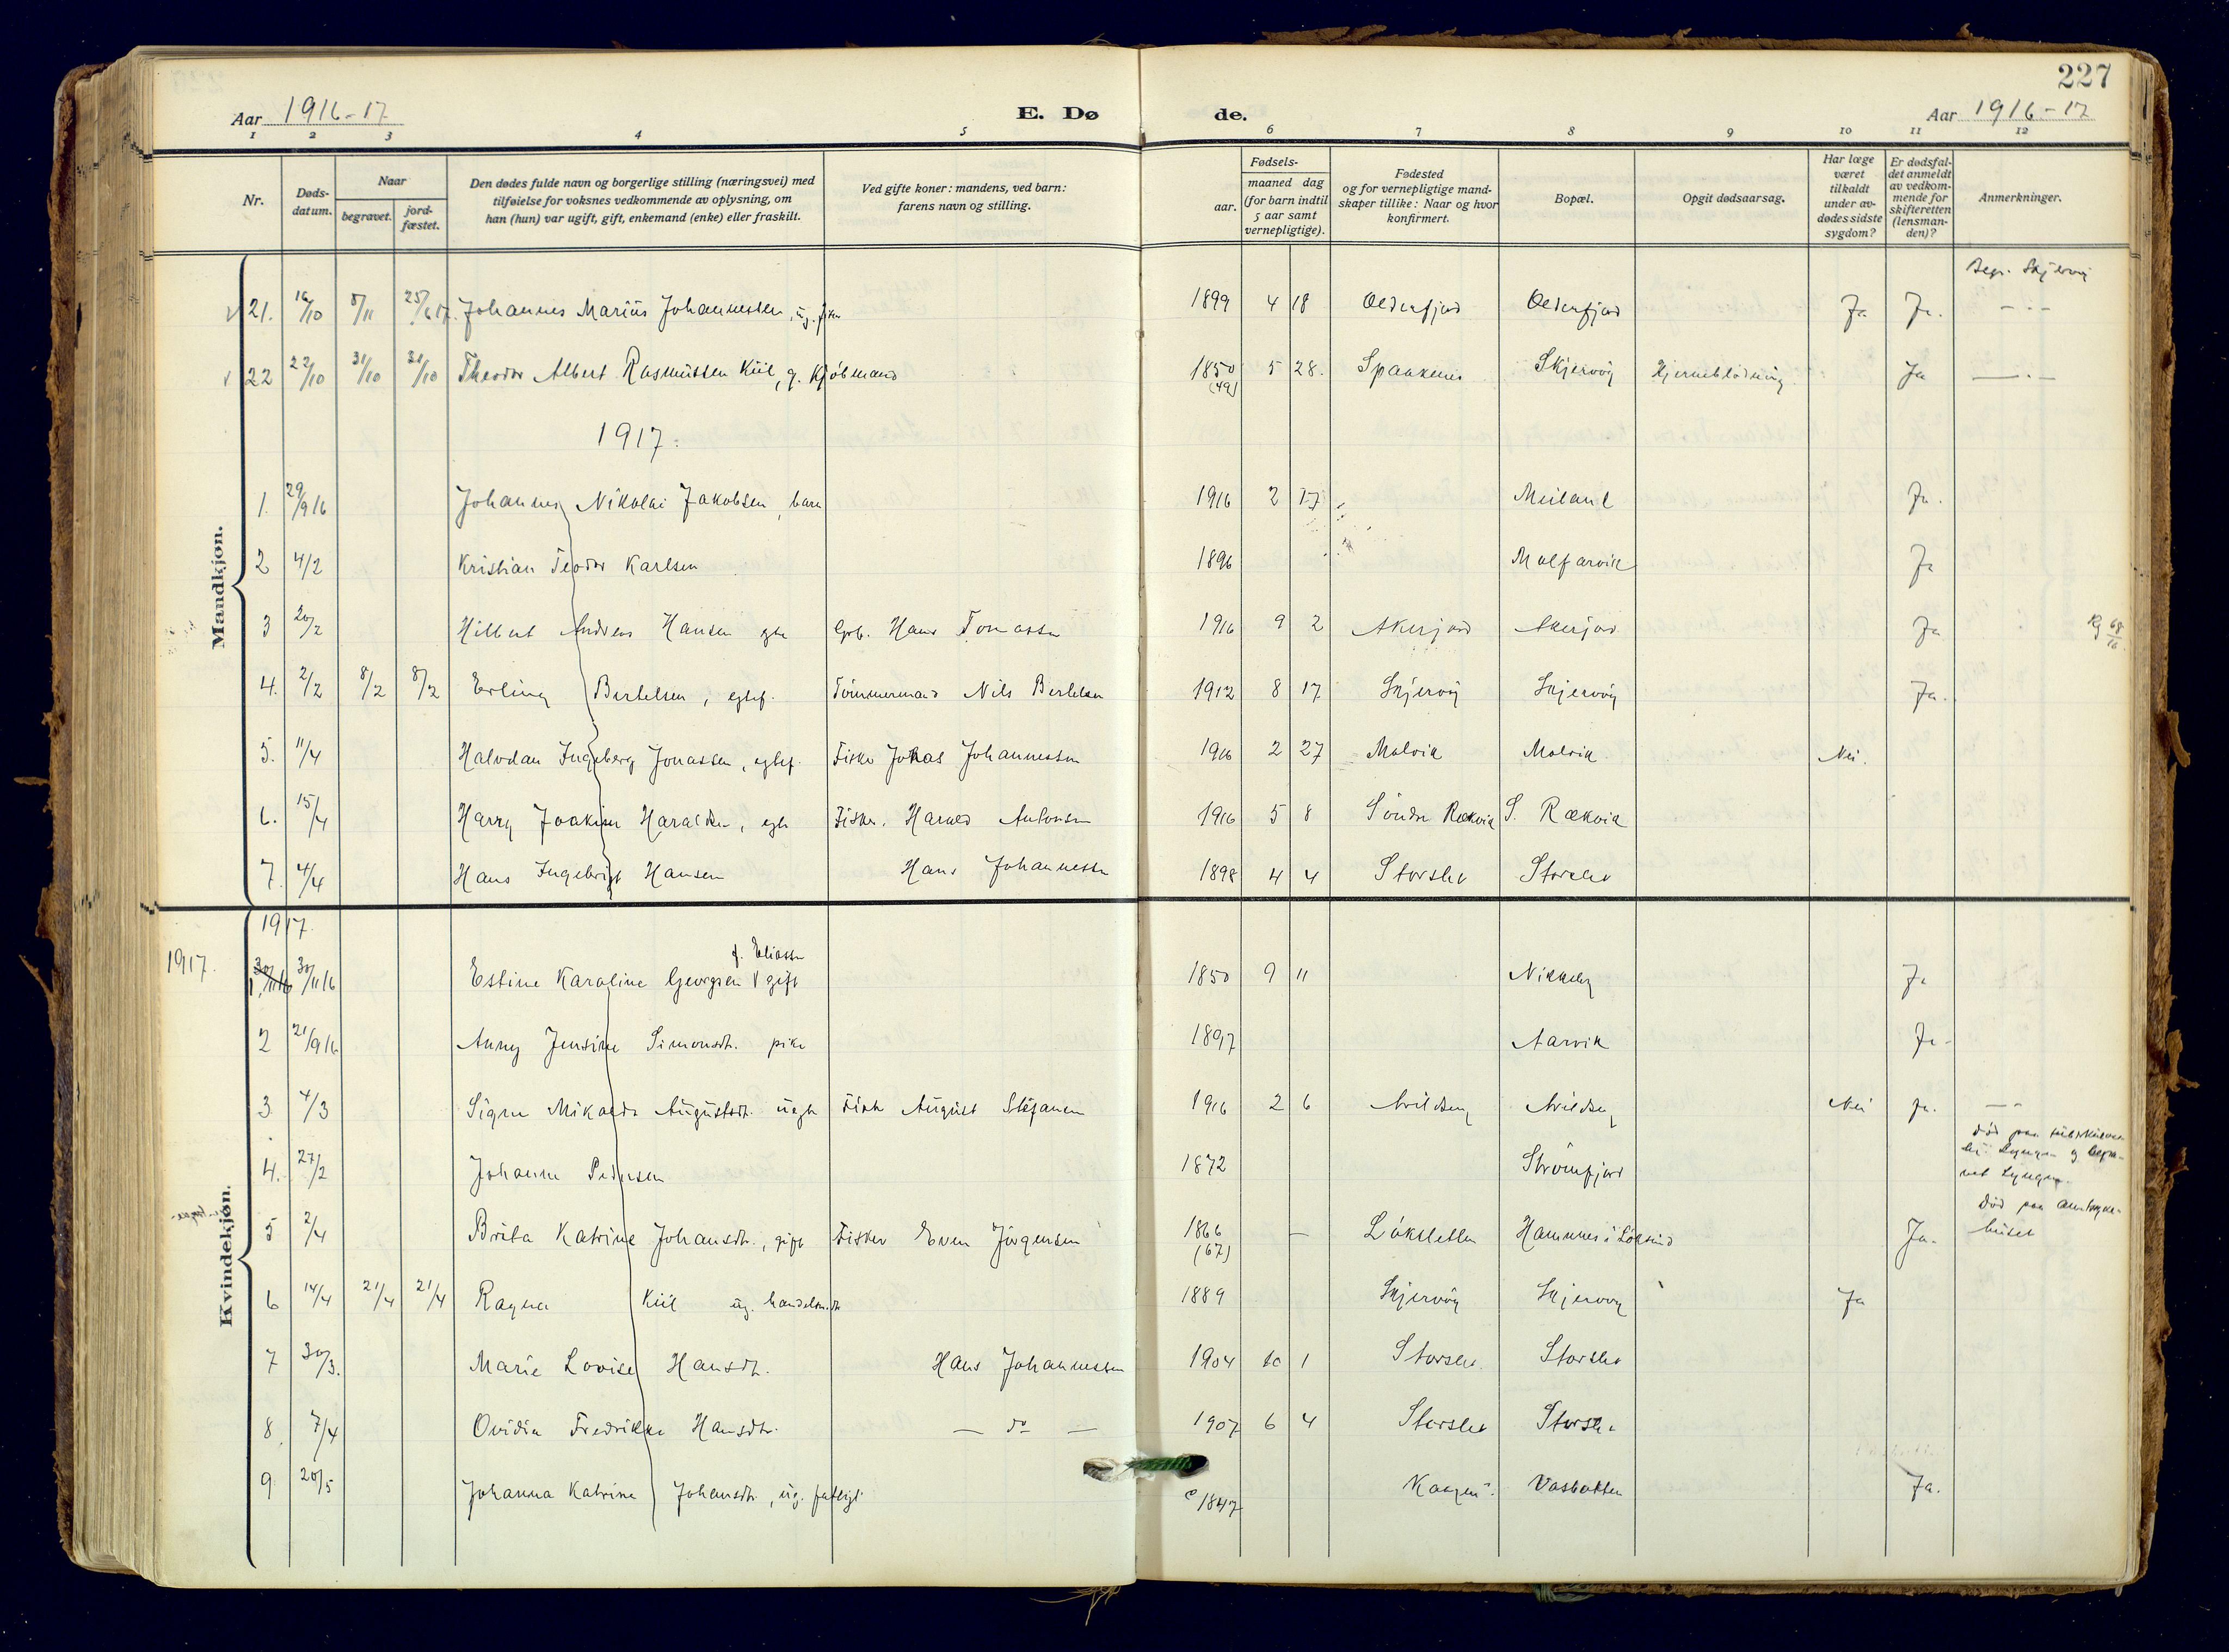 SATØ, Skjervøy sokneprestkontor, H/Ha/Haa: Ministerialbok nr. 18, 1910-1926, s. 227